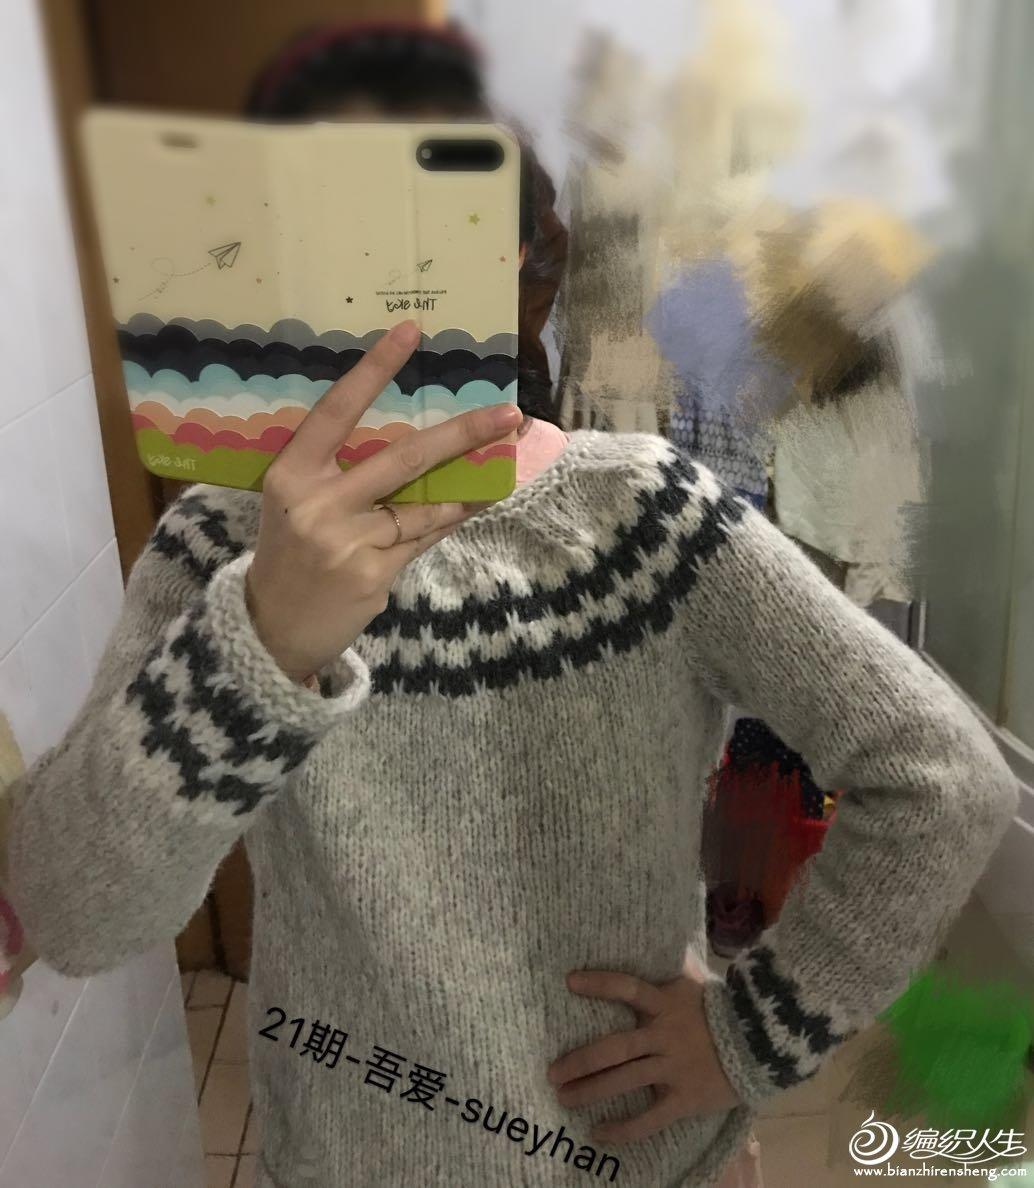 21期-吾爱-sueyhan.jpg